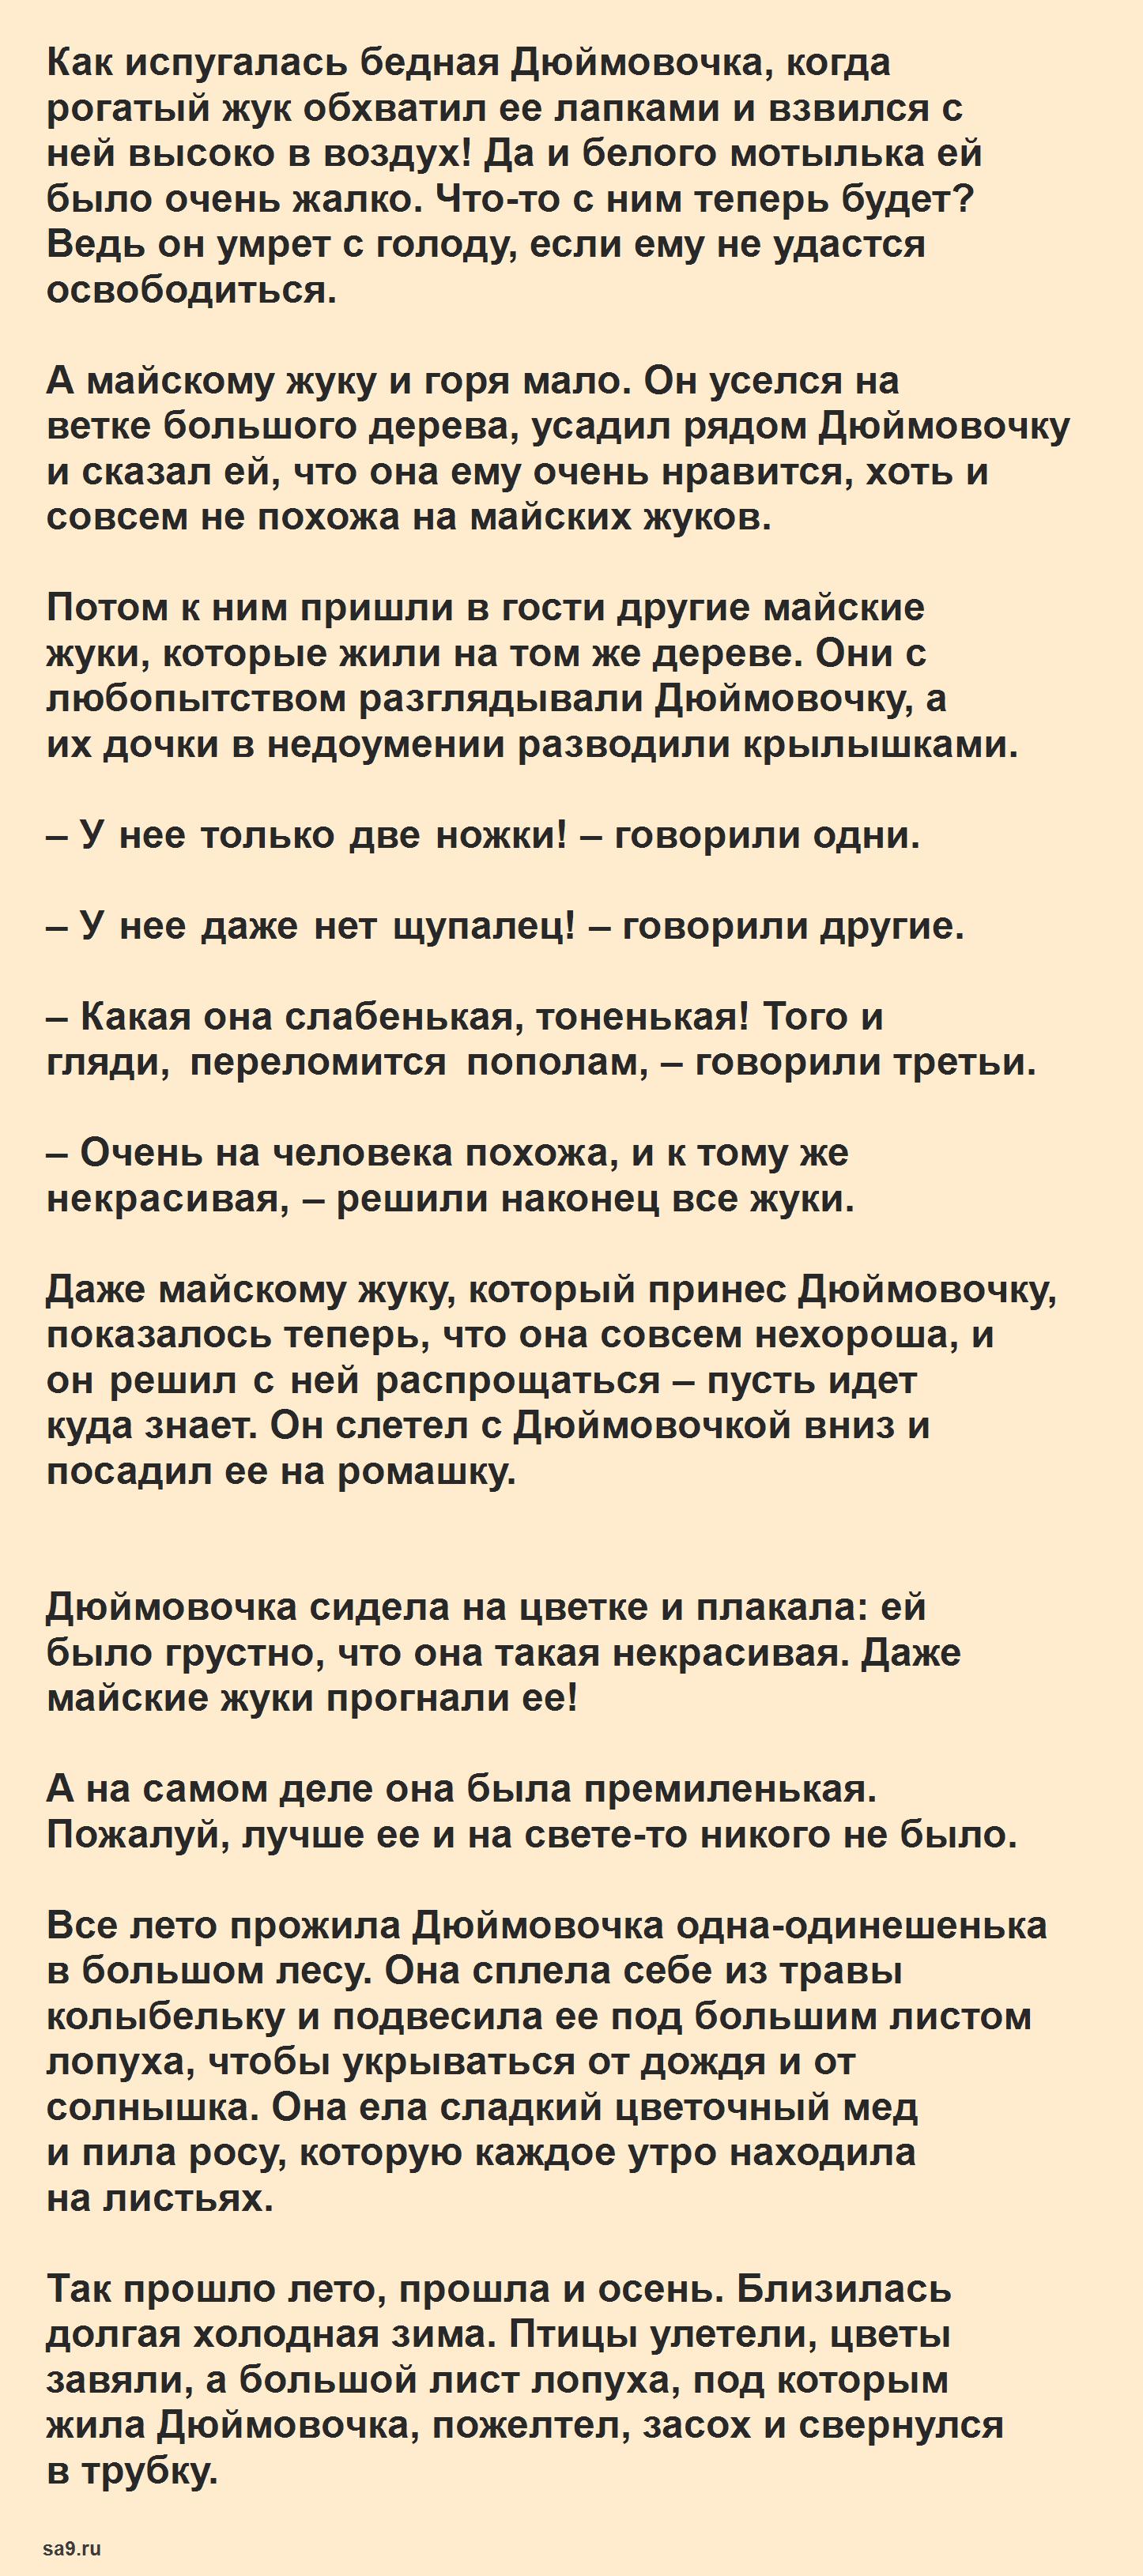 Читаем интересную сказку Андерсена для детей - Дюймовочка